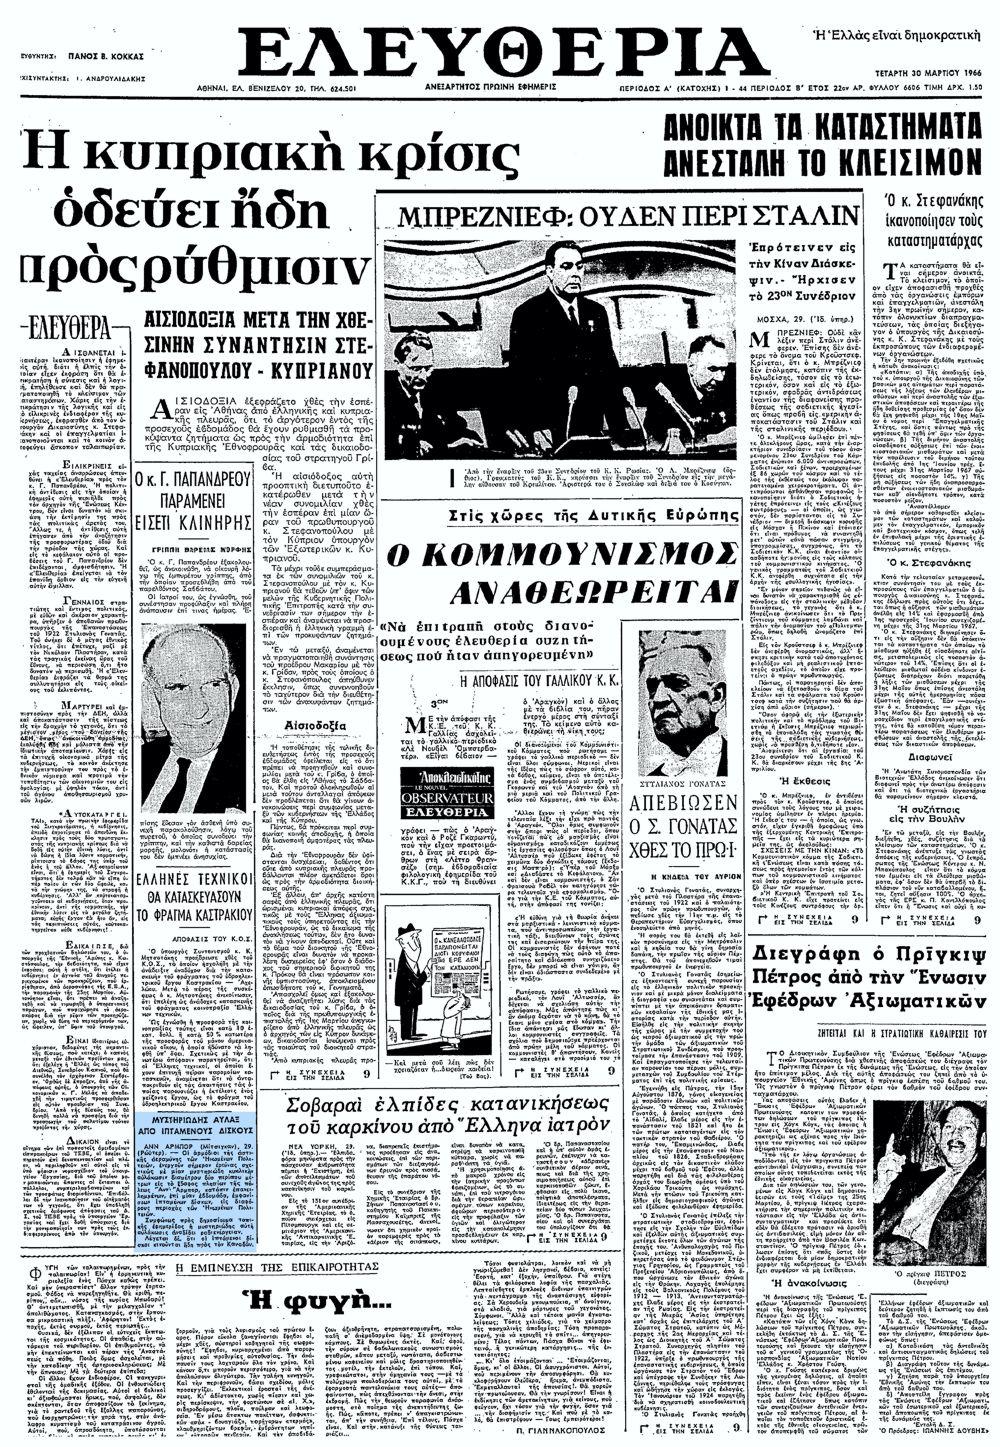 """Το άρθρο, όπως δημοσιεύθηκε στην εφημερίδα """"ΕΛΕΥΘΕΡΙΑ"""", στις 30/03/1966"""